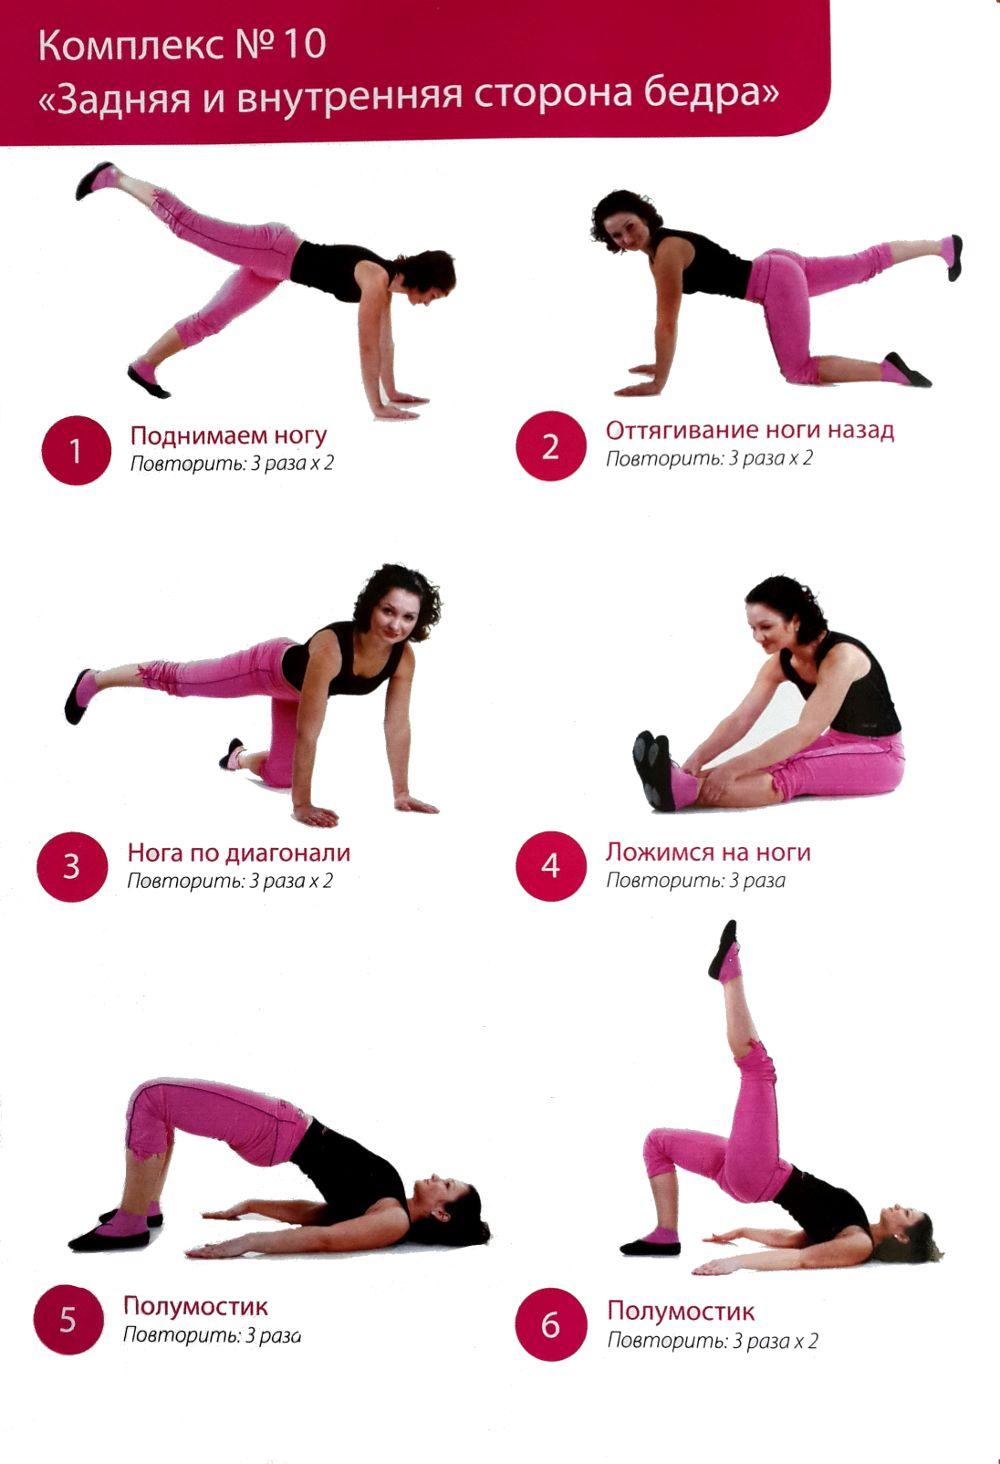 Упражнение для похудение и здоровье